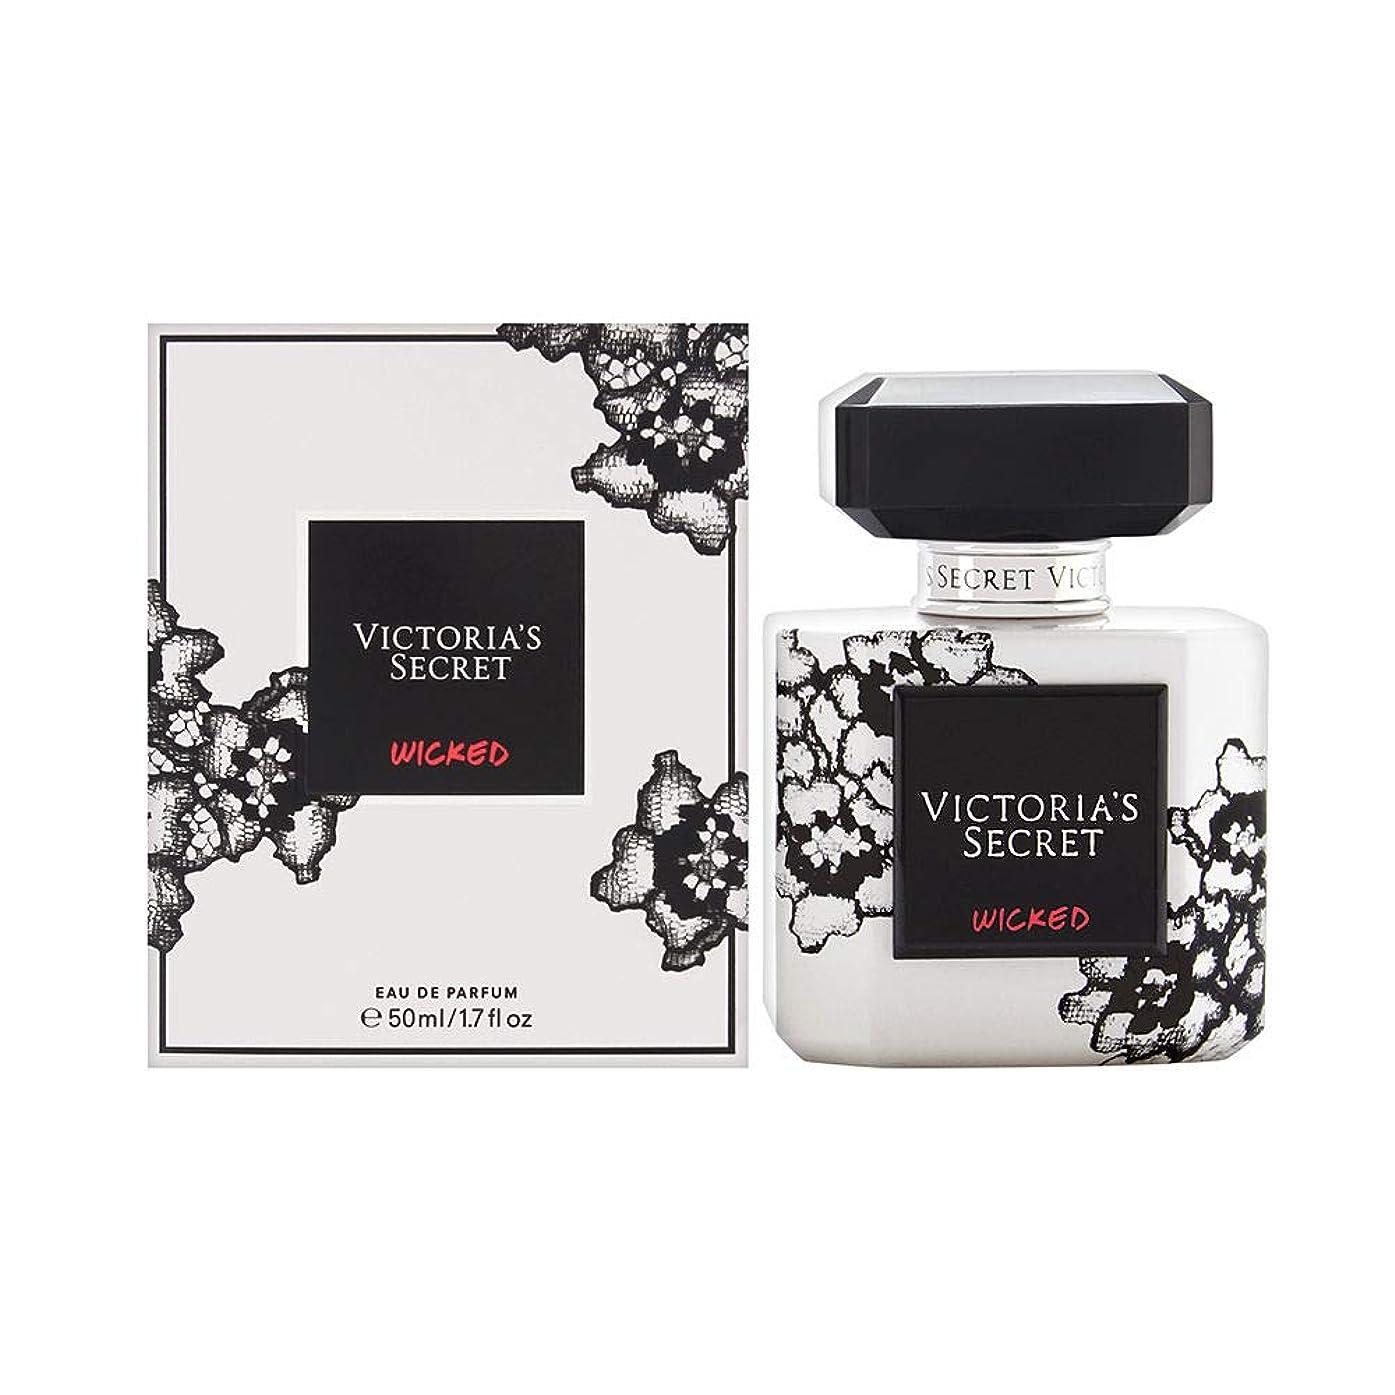 のスコア異なる掃除Victoria's Secret Wicked (ビクトリア シークレット ウイックト) 1.7 oz (50ml) EDP Spray for Women